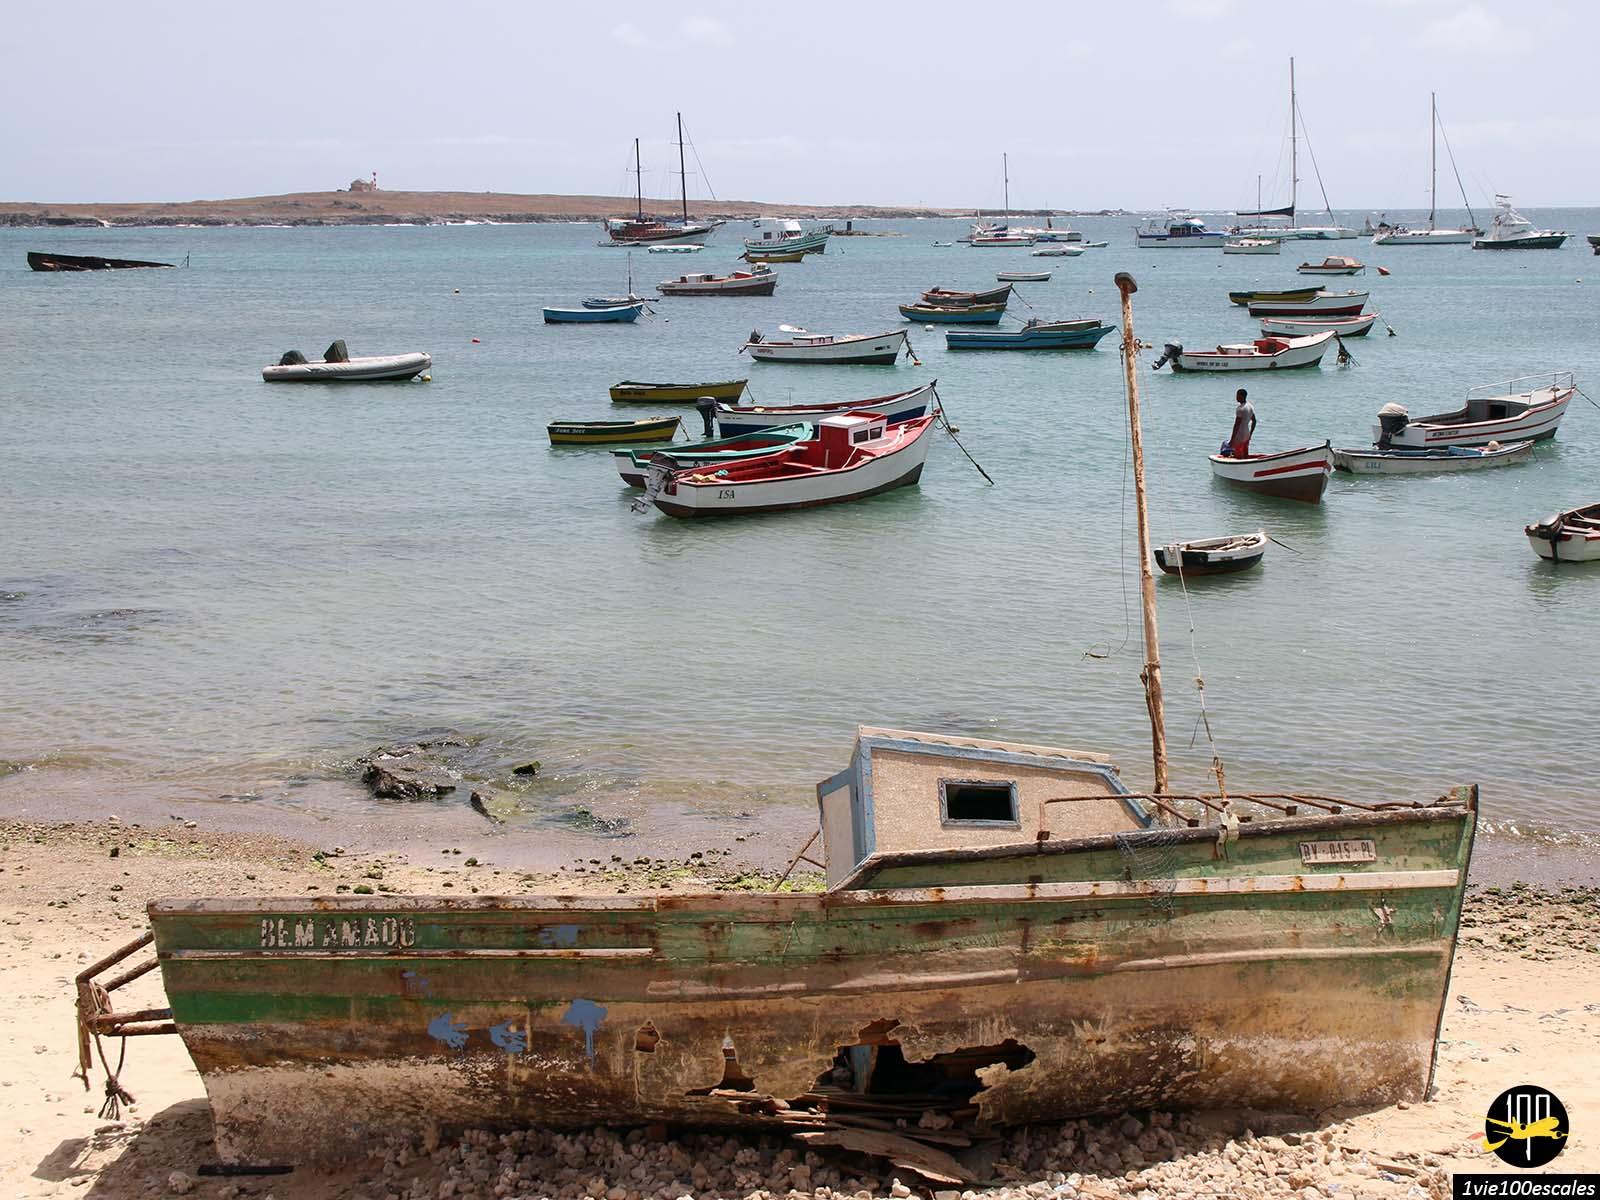 Le petit port avec ses petits bateaux à Sal Rei sur l'île de Boa Vista